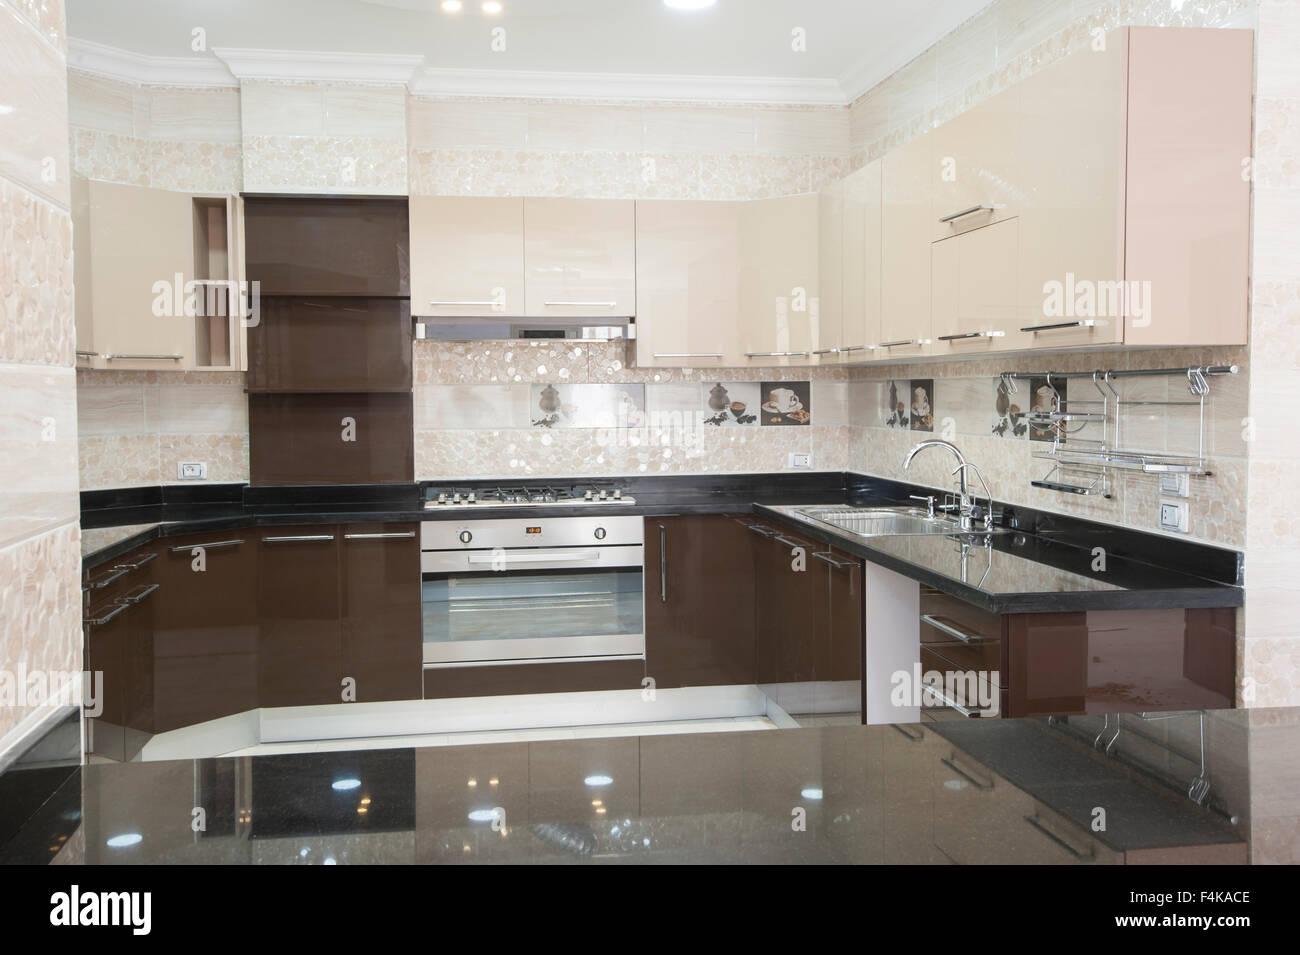 https www alamyimages fr photo image cuisine de style americain salon d un appartement de luxe montrant la conception interieure 88935742 html